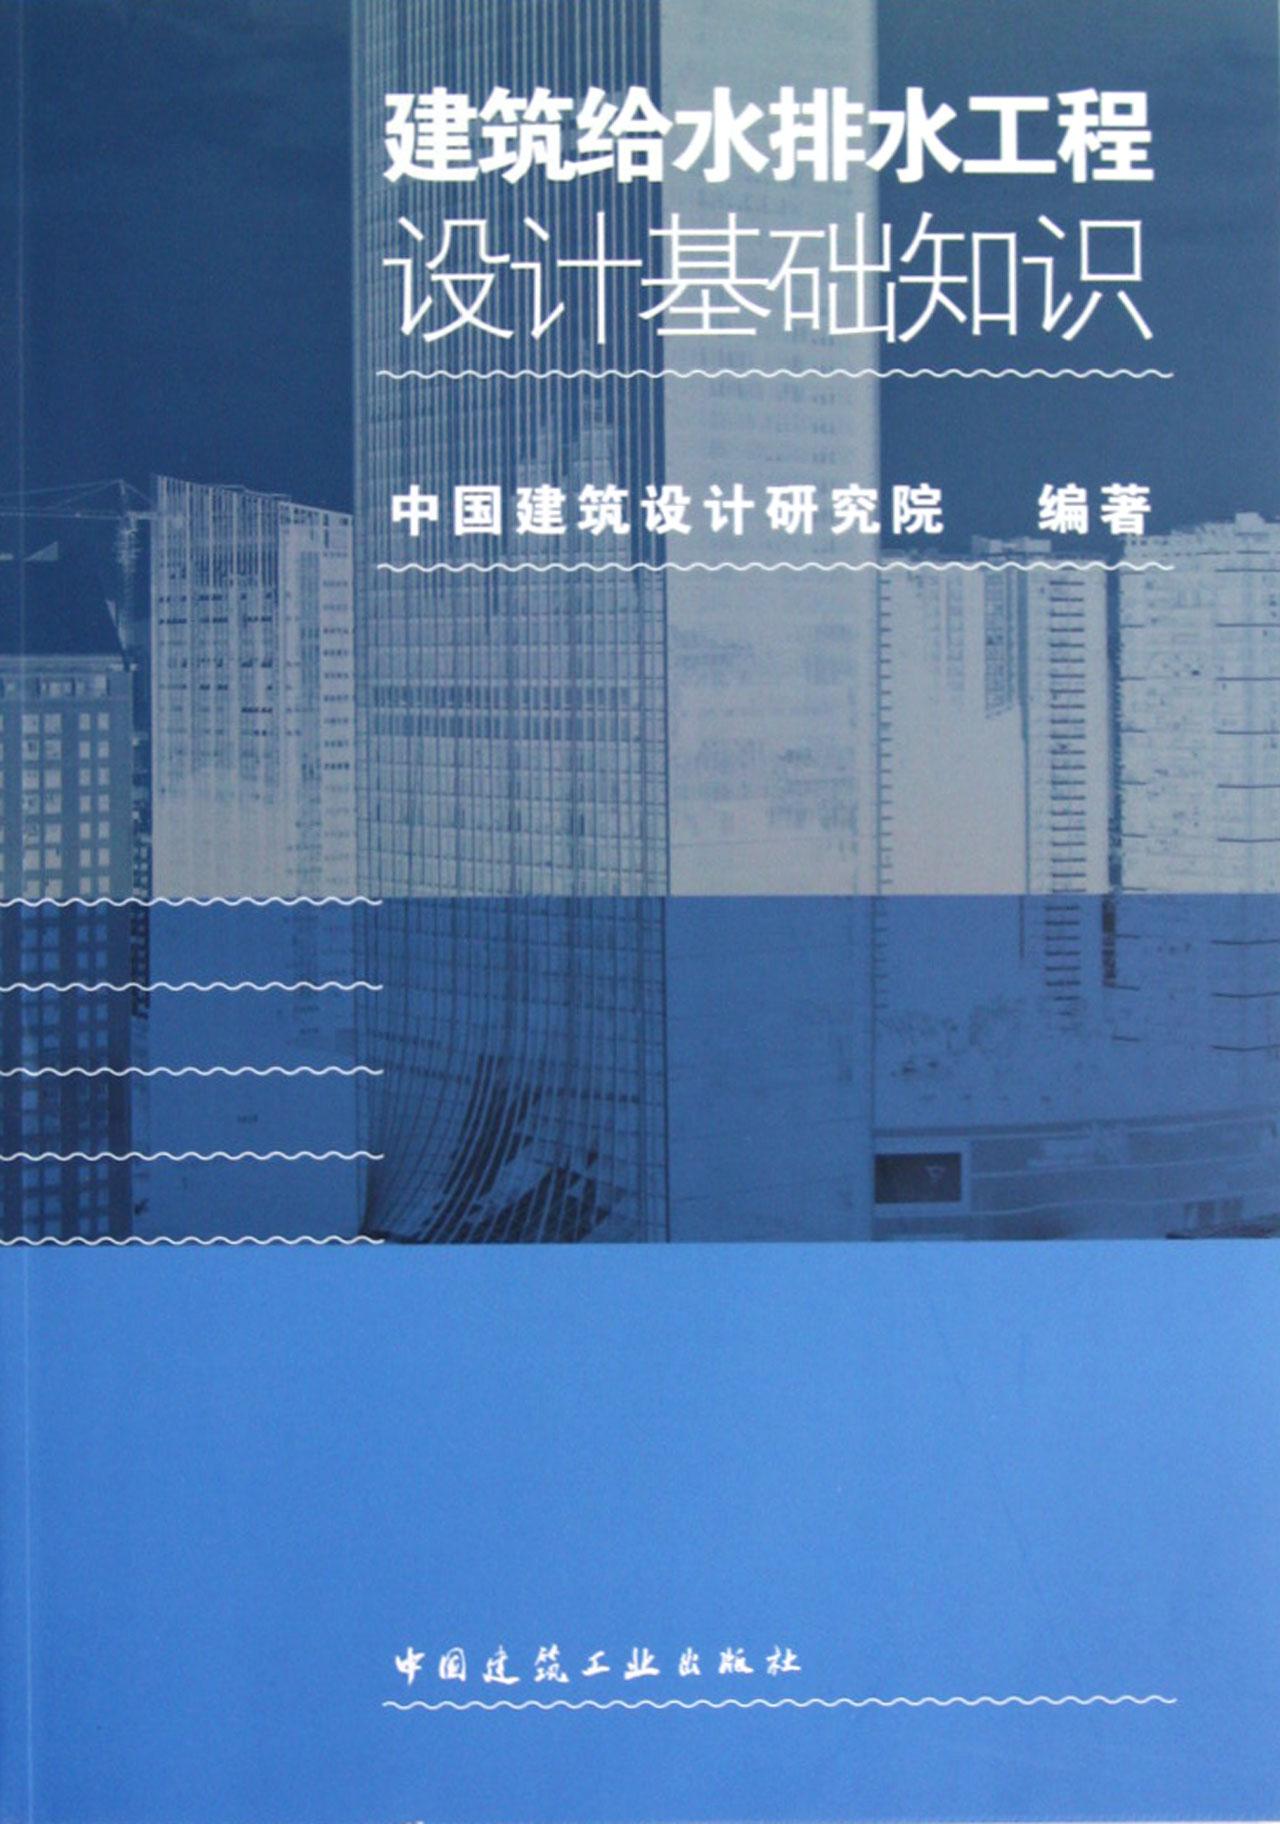 建筑给水排水工程设计基础知识